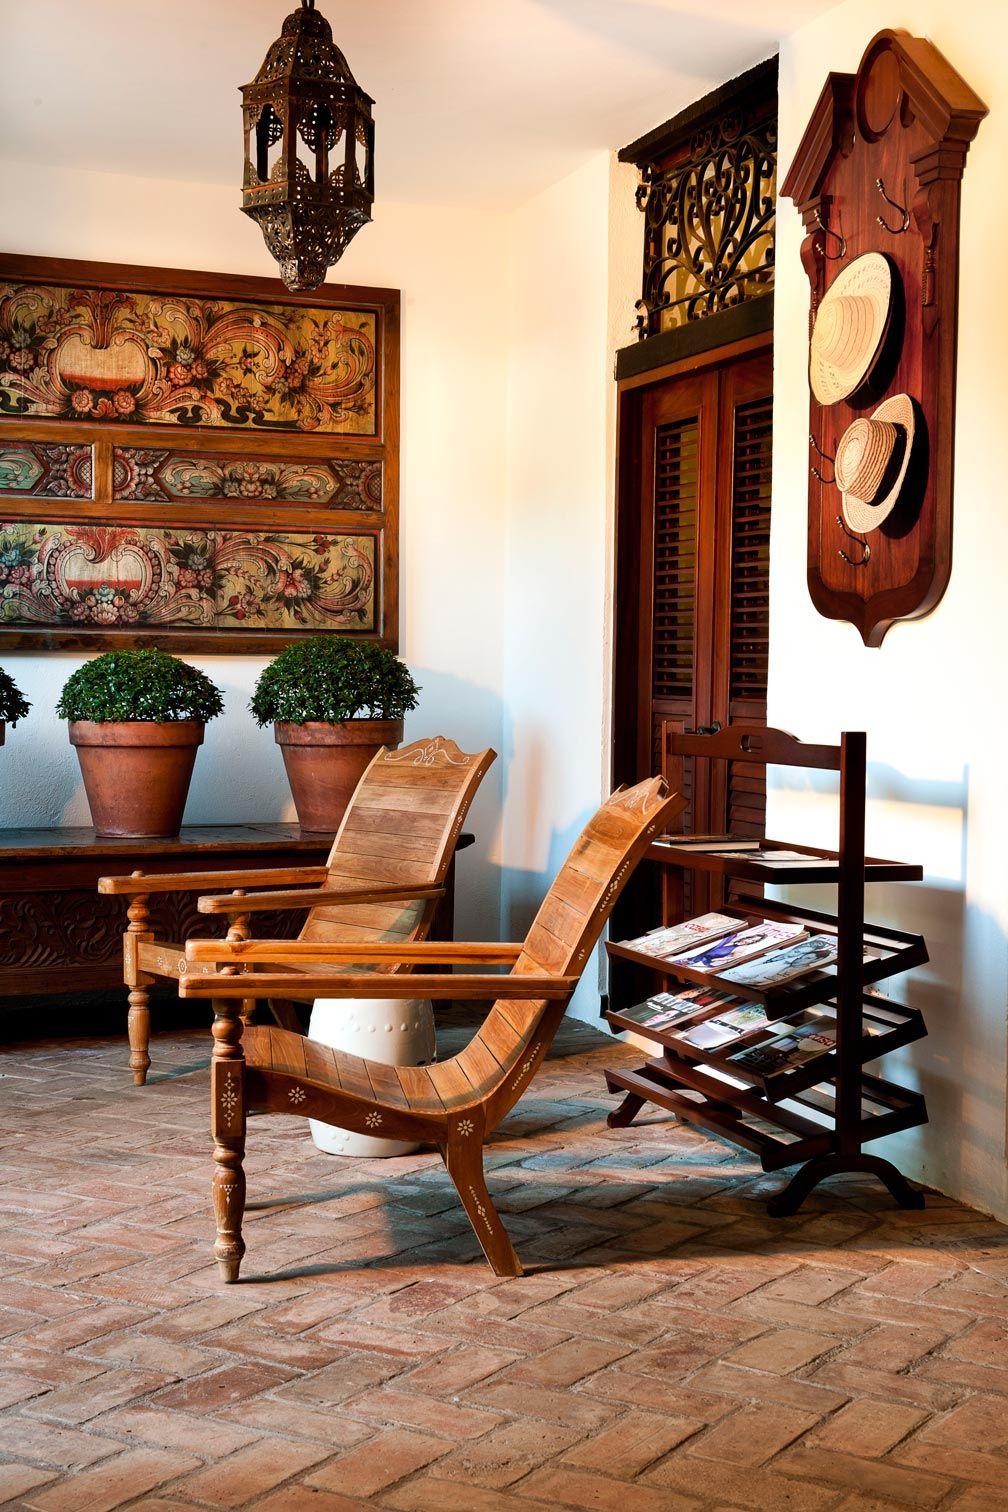 Dominican Republic Luxury Suites In Colonial City, Santo Domingo